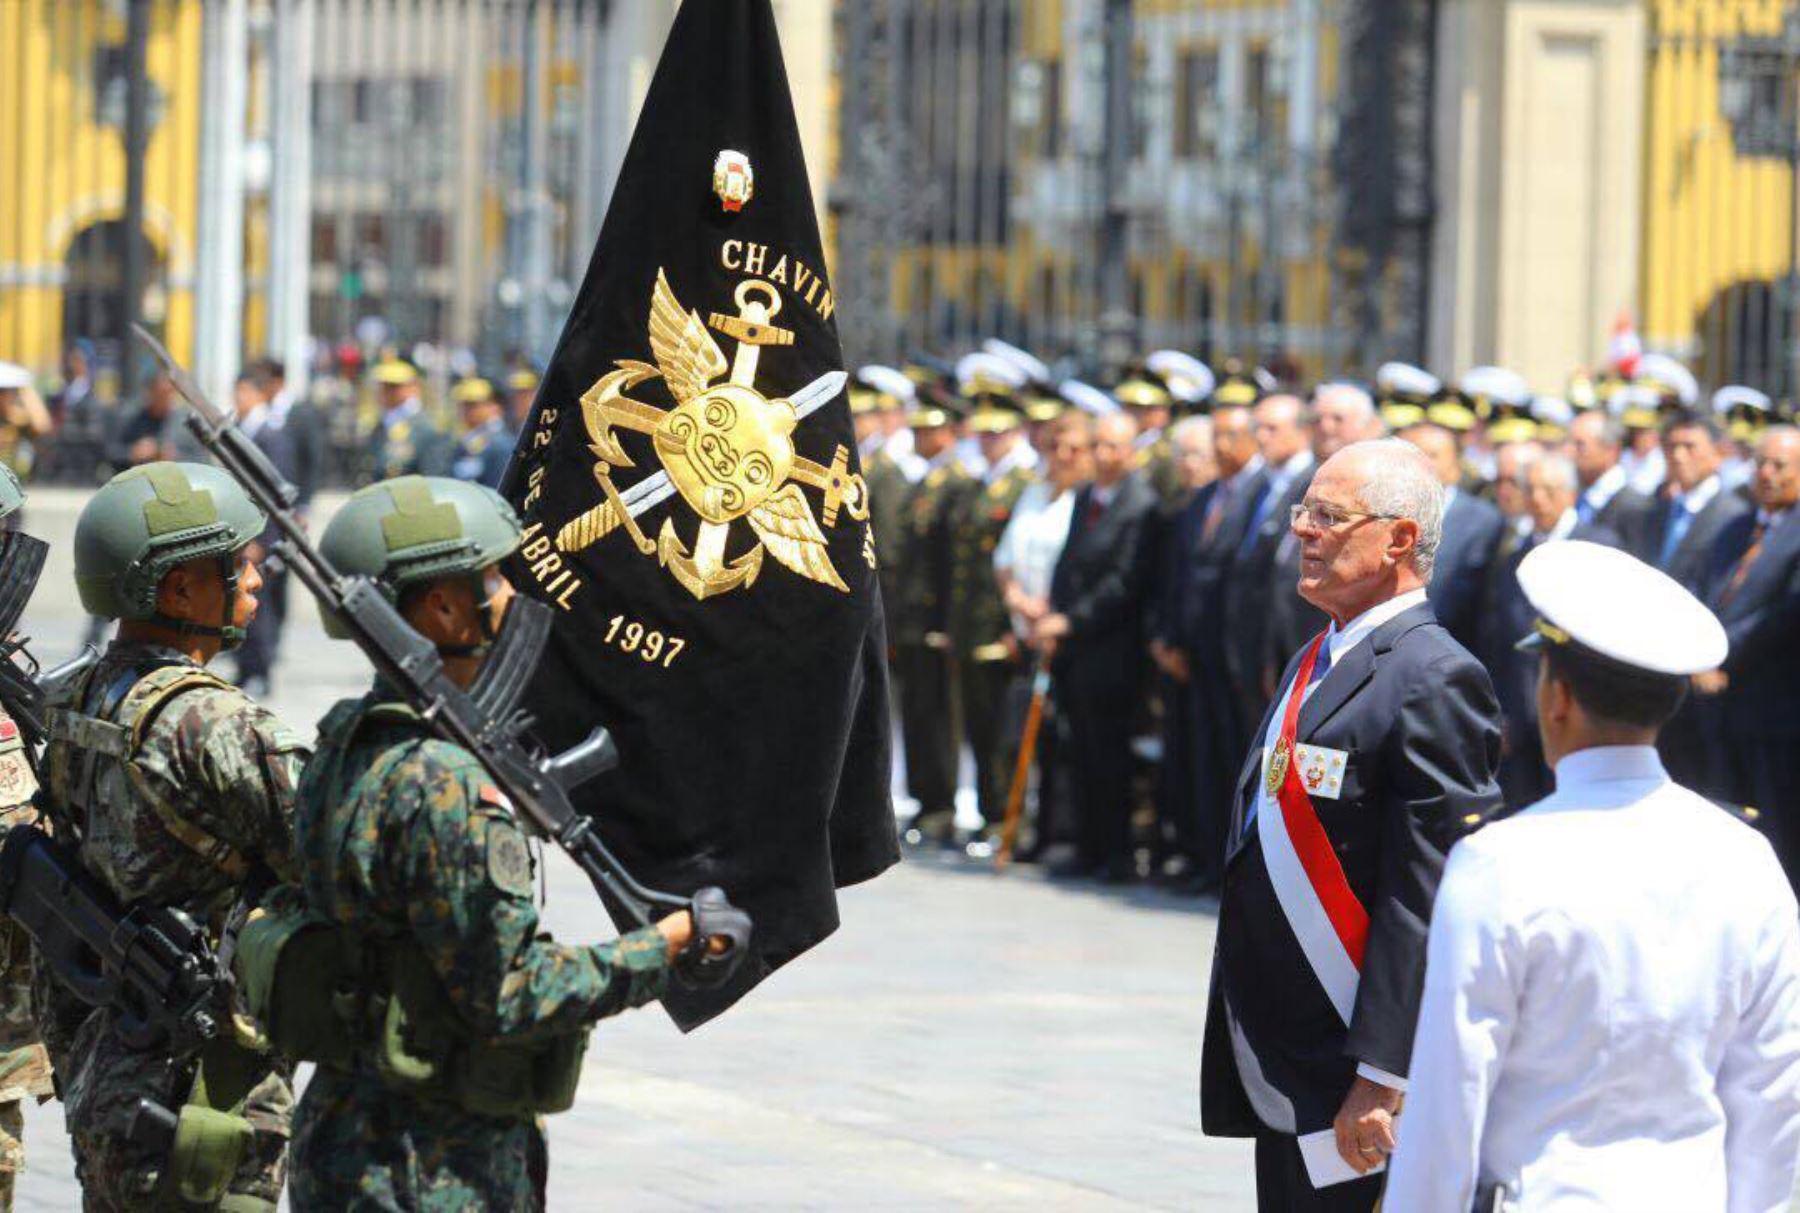 El Jefe del Estado, Pedro Pablo Kuczynski, impone la condecoración Orden Militar de Ayacucho en el grado de Gran Cruz al estandarte de la operación militar Chavín de Huántar. Foto: ANDINA/ Prensa Presidencia